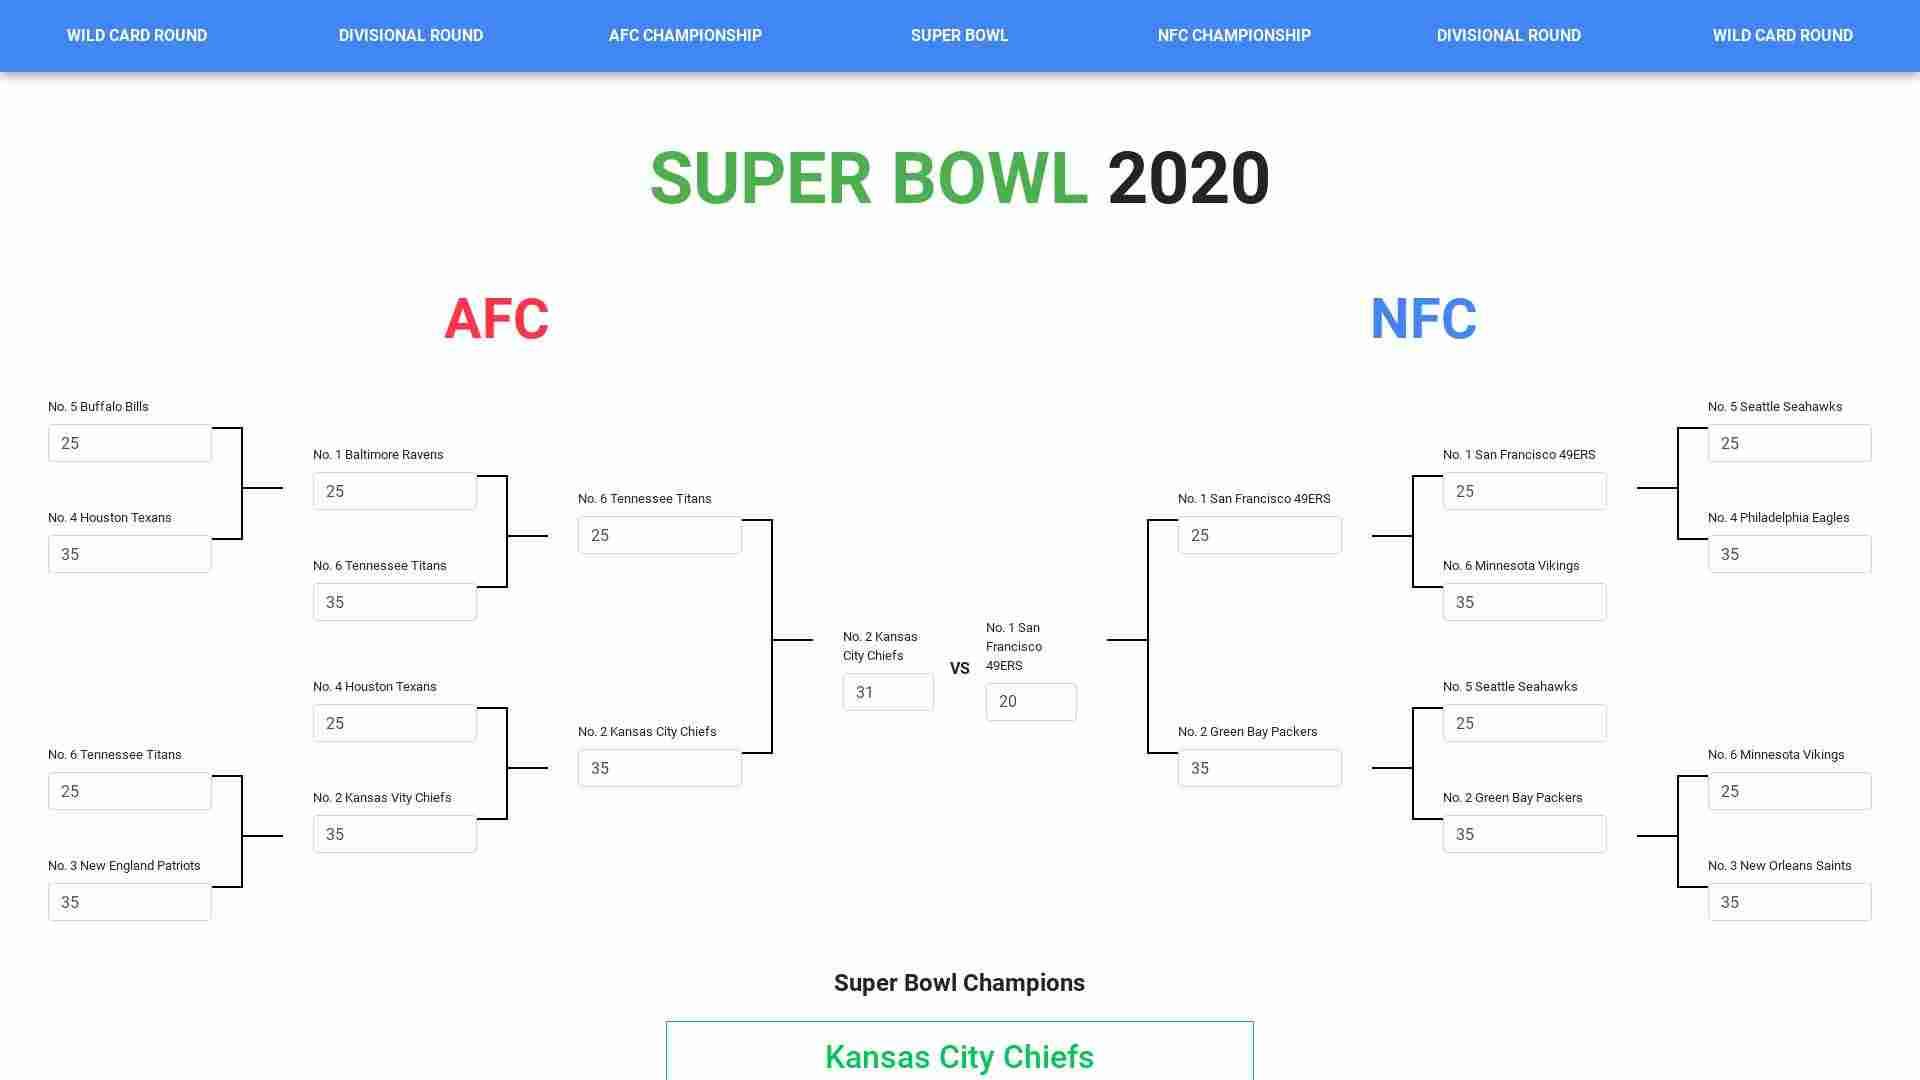 Super Bowl 2020 Playoff Bracket